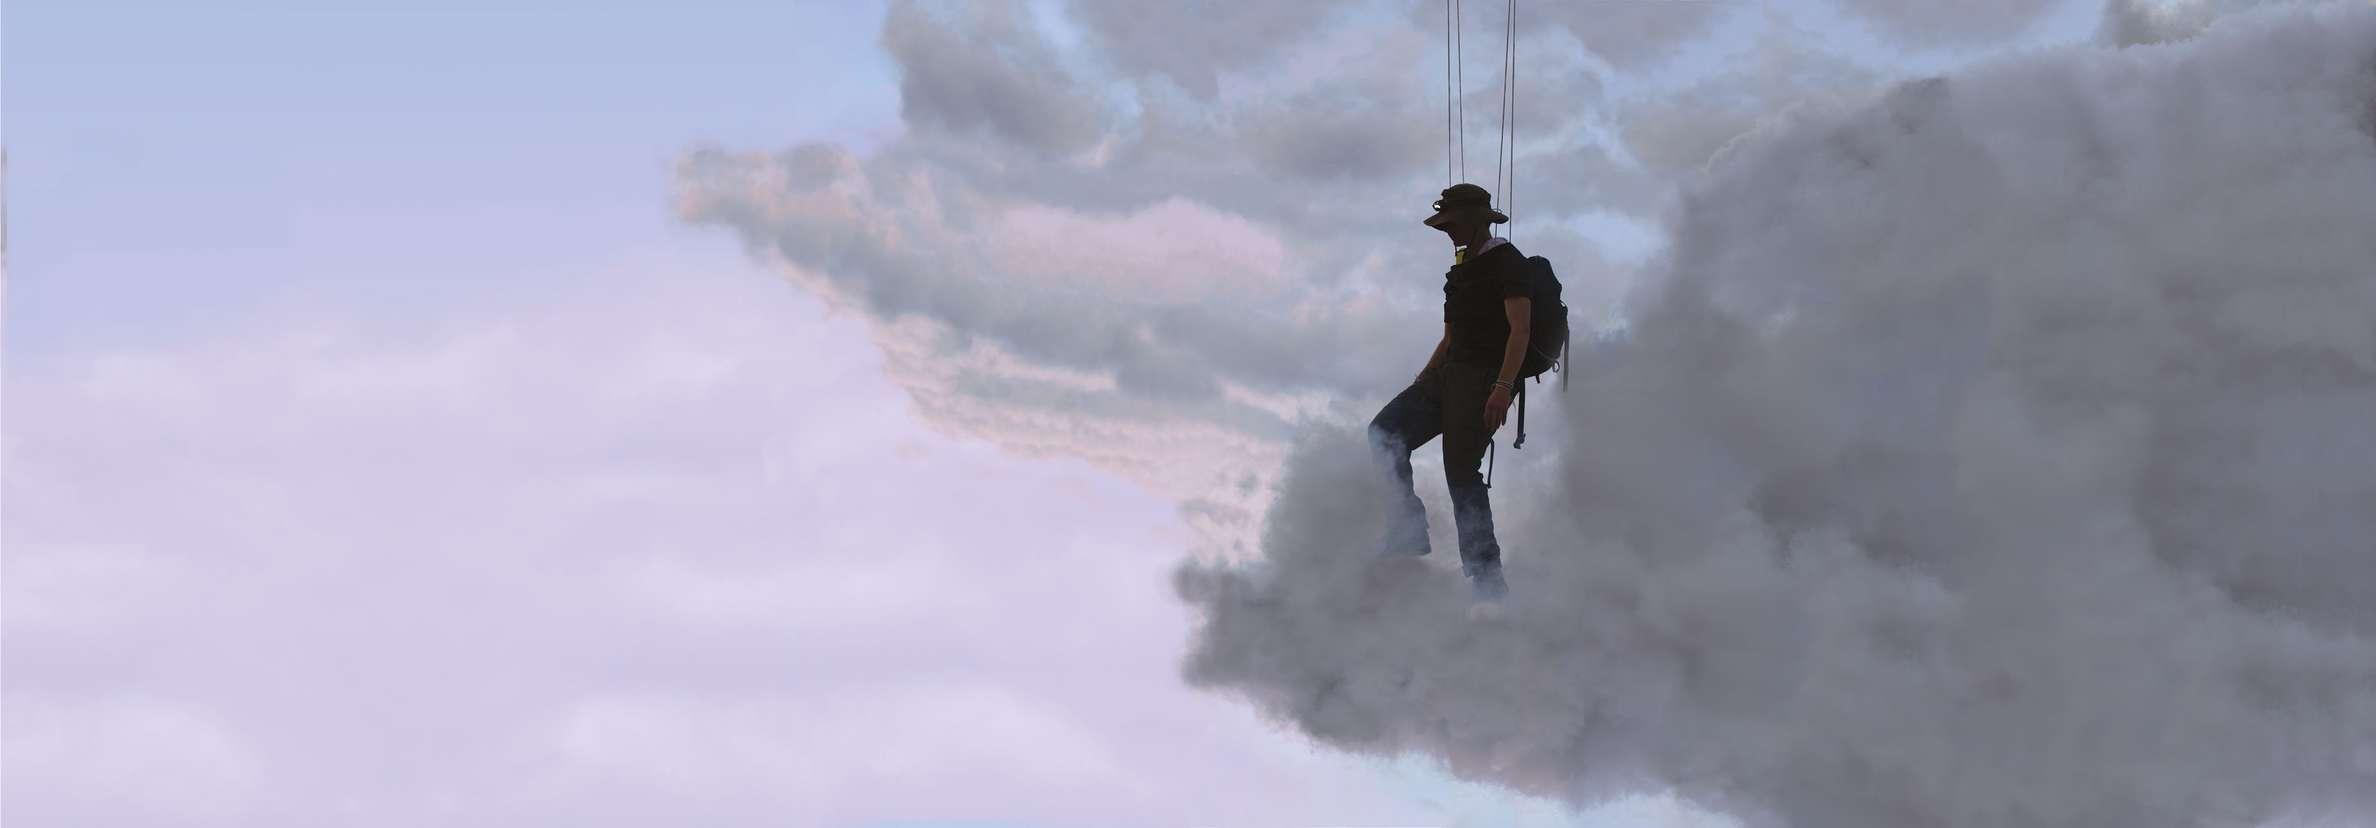 Abraham Poincheval, Walk on Clouds, 2019 Vidéo numérique sonorisée en boucle, projection 18 x 3,77 m (3 projecteurs) 14min05s